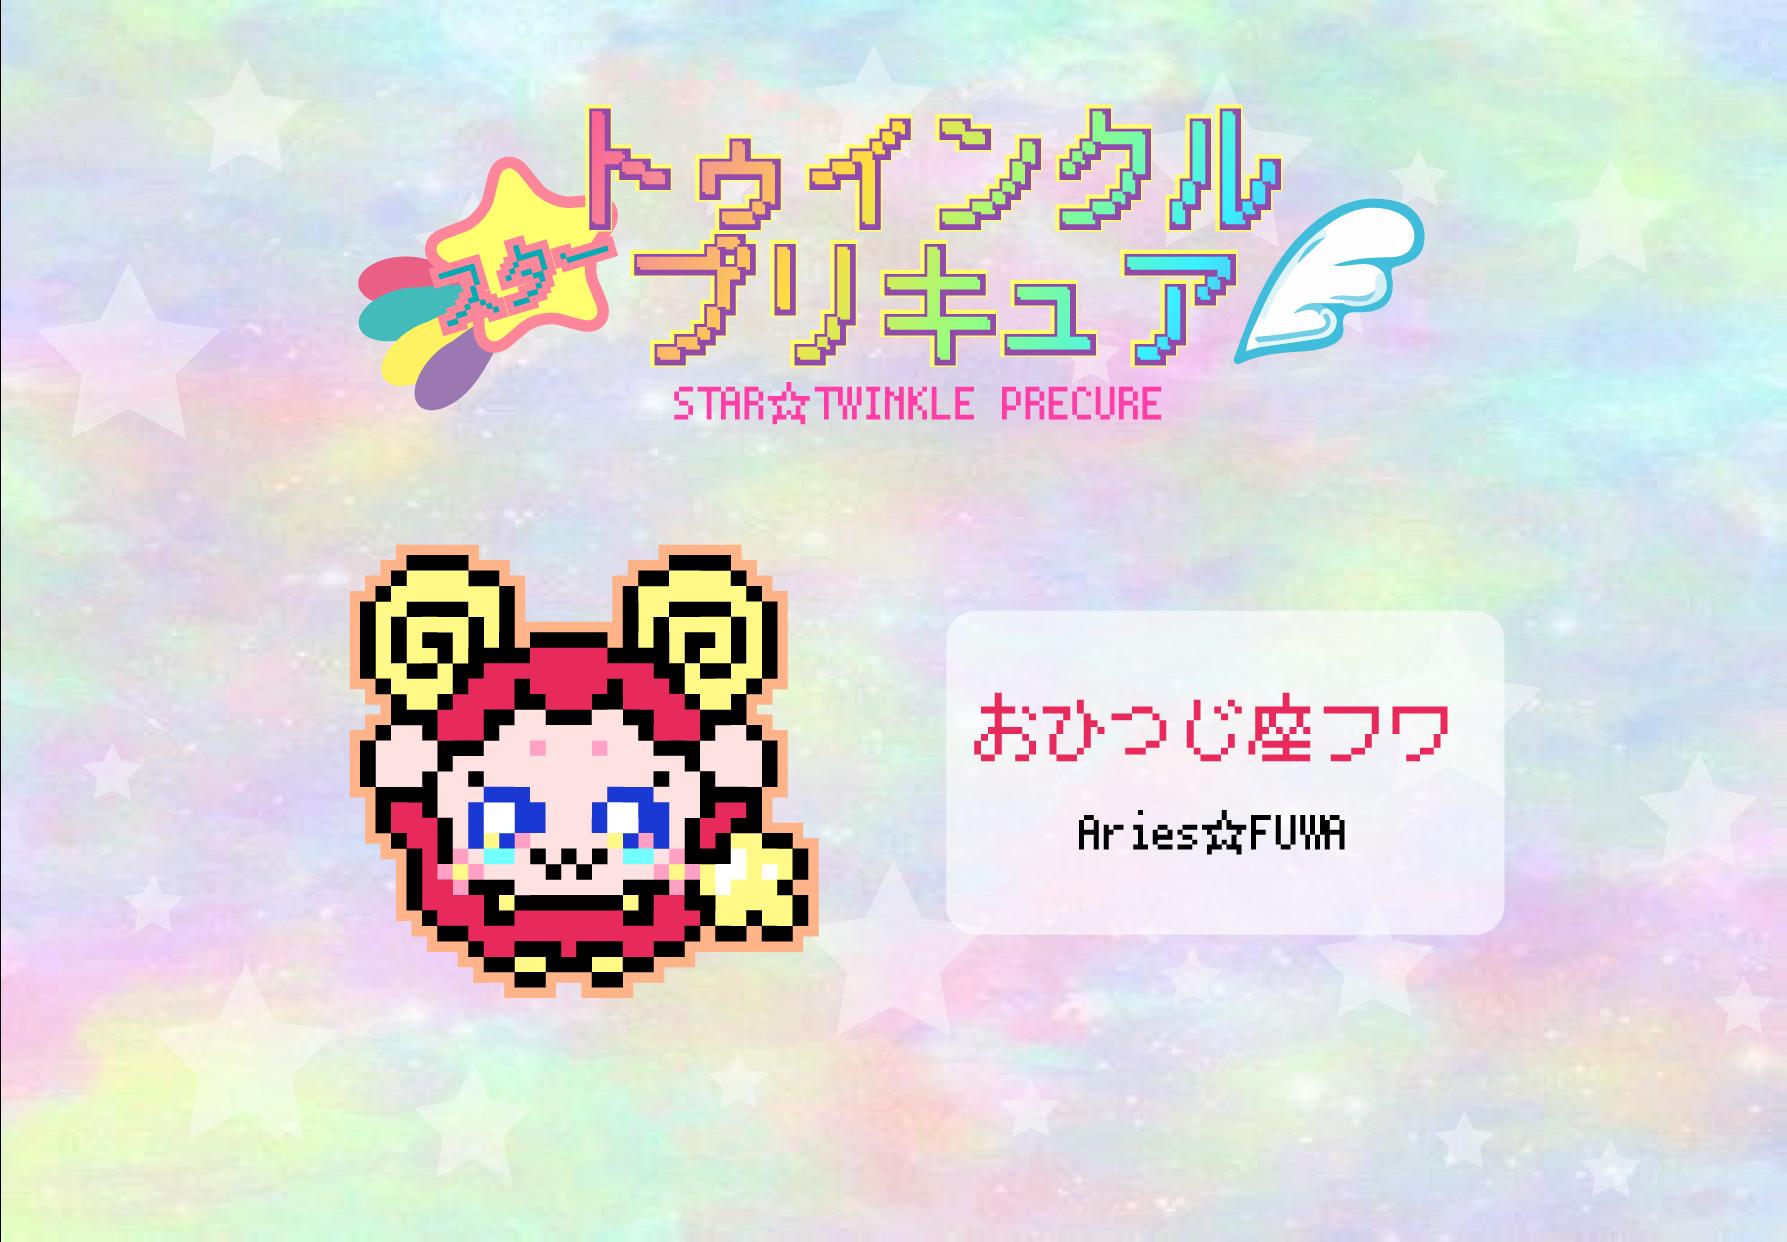 【スター☆トゥインクルプリキュア】おひつじ座フワのアイロンビーズ図案